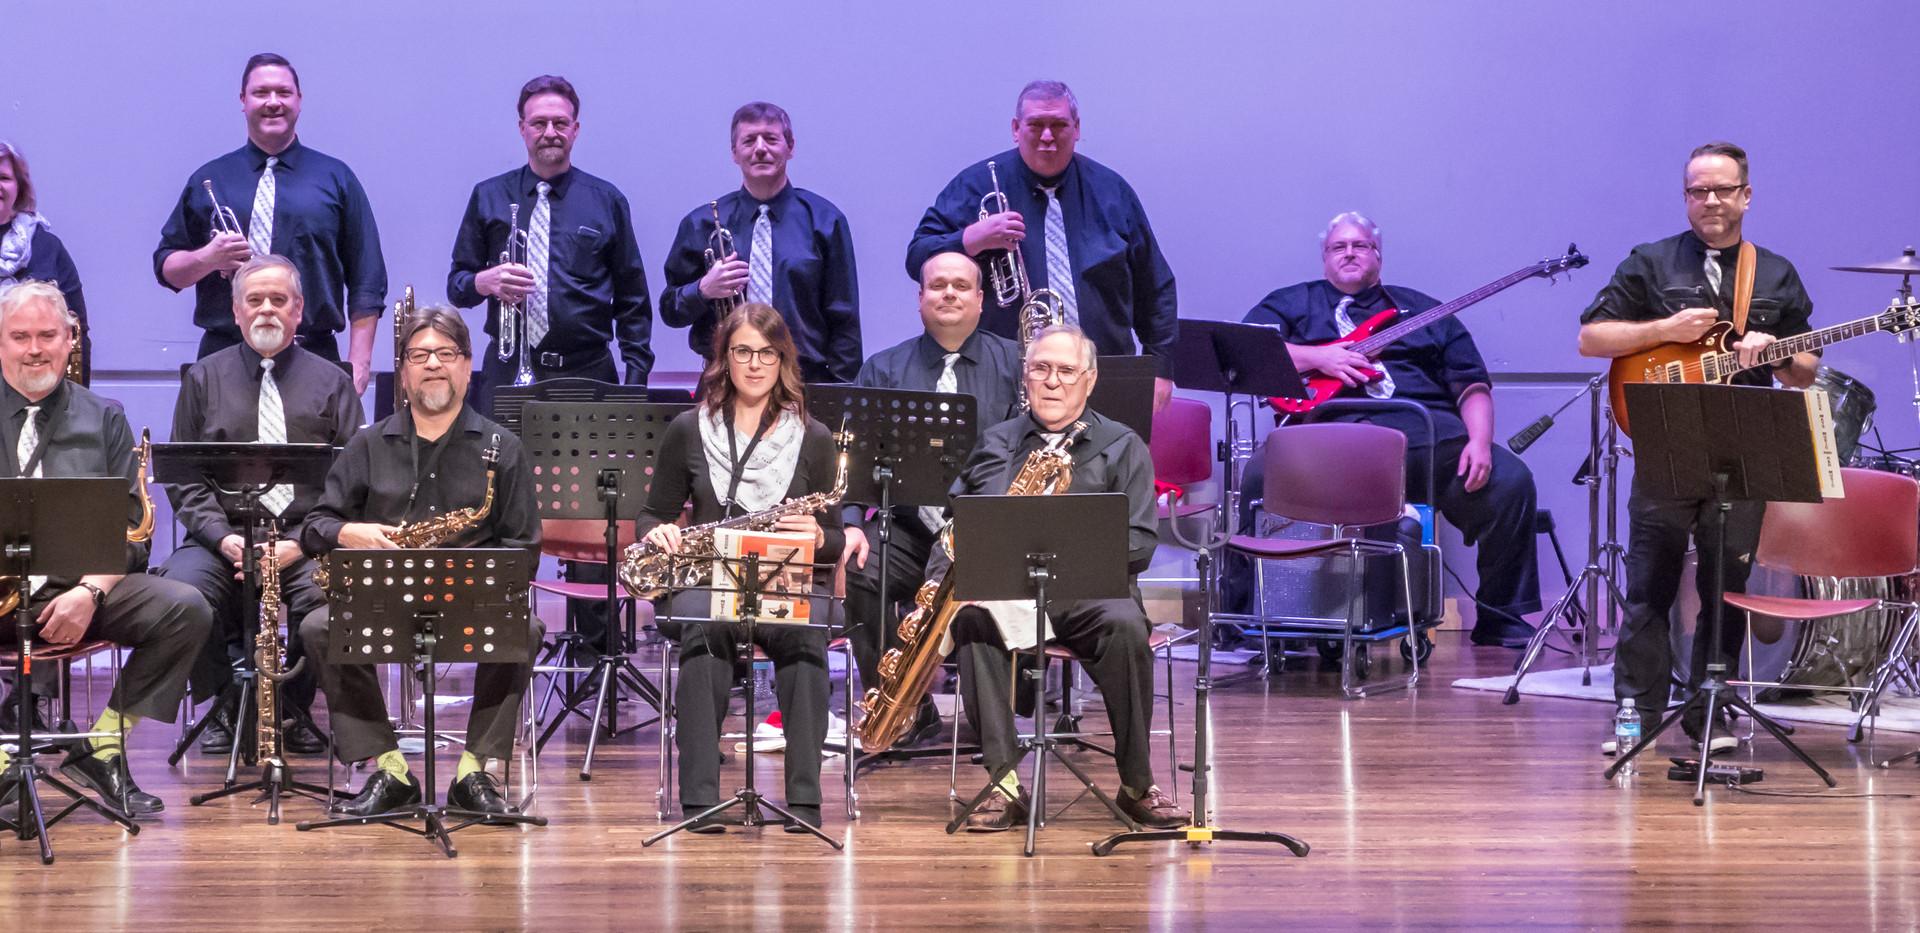 ACB - Jazz Band - Christmas Concert 2019